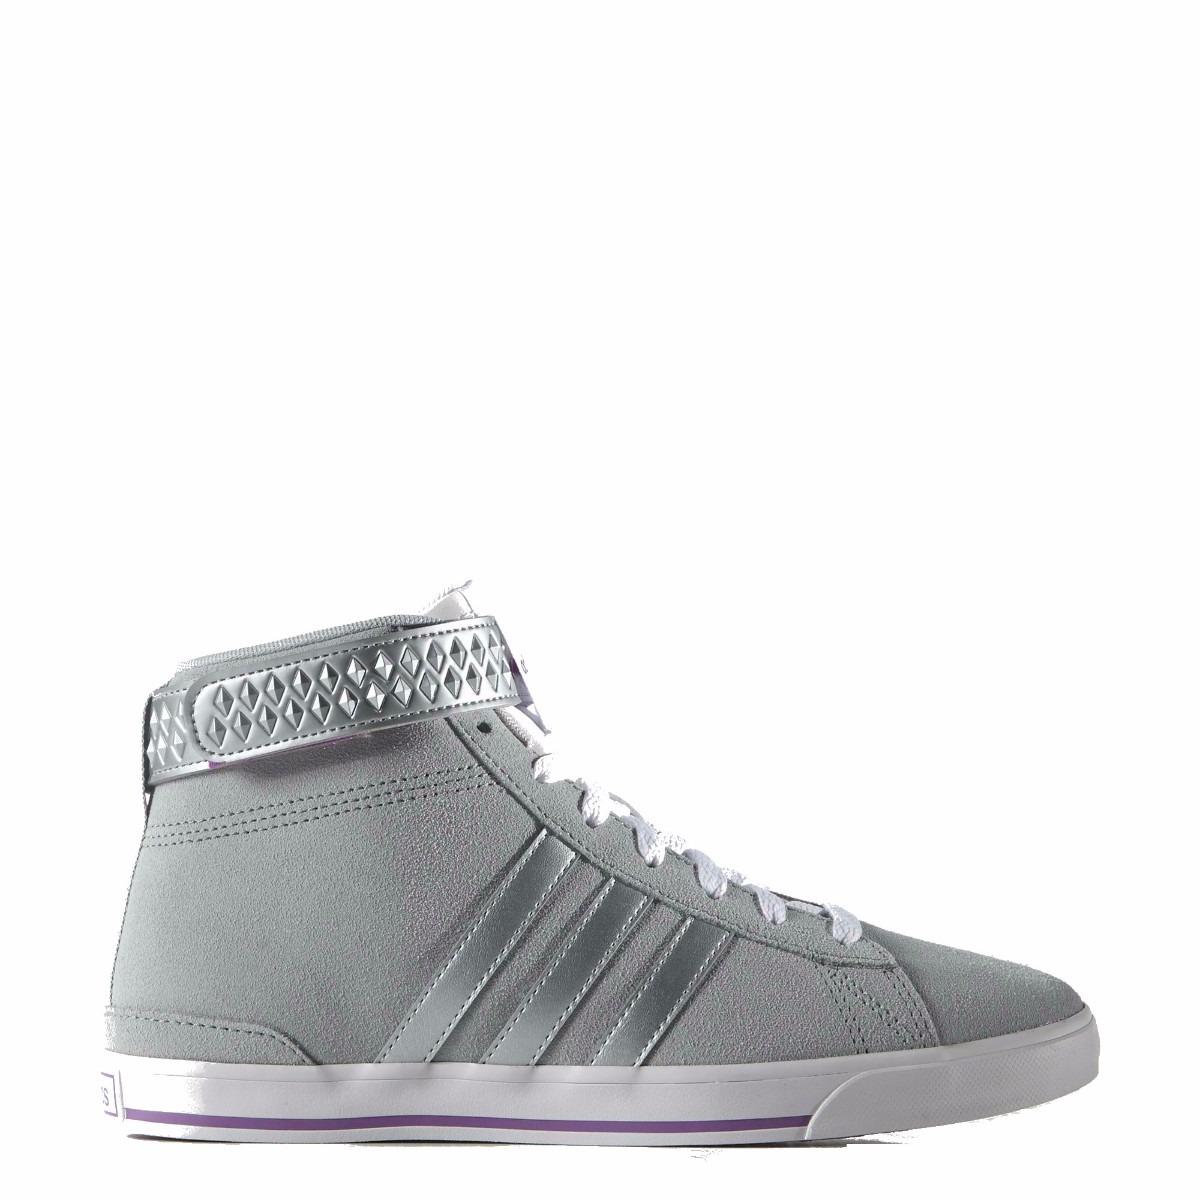 7566145cbcb84 adidas botas mujer baratas - Descuentos de hasta el OFF46%